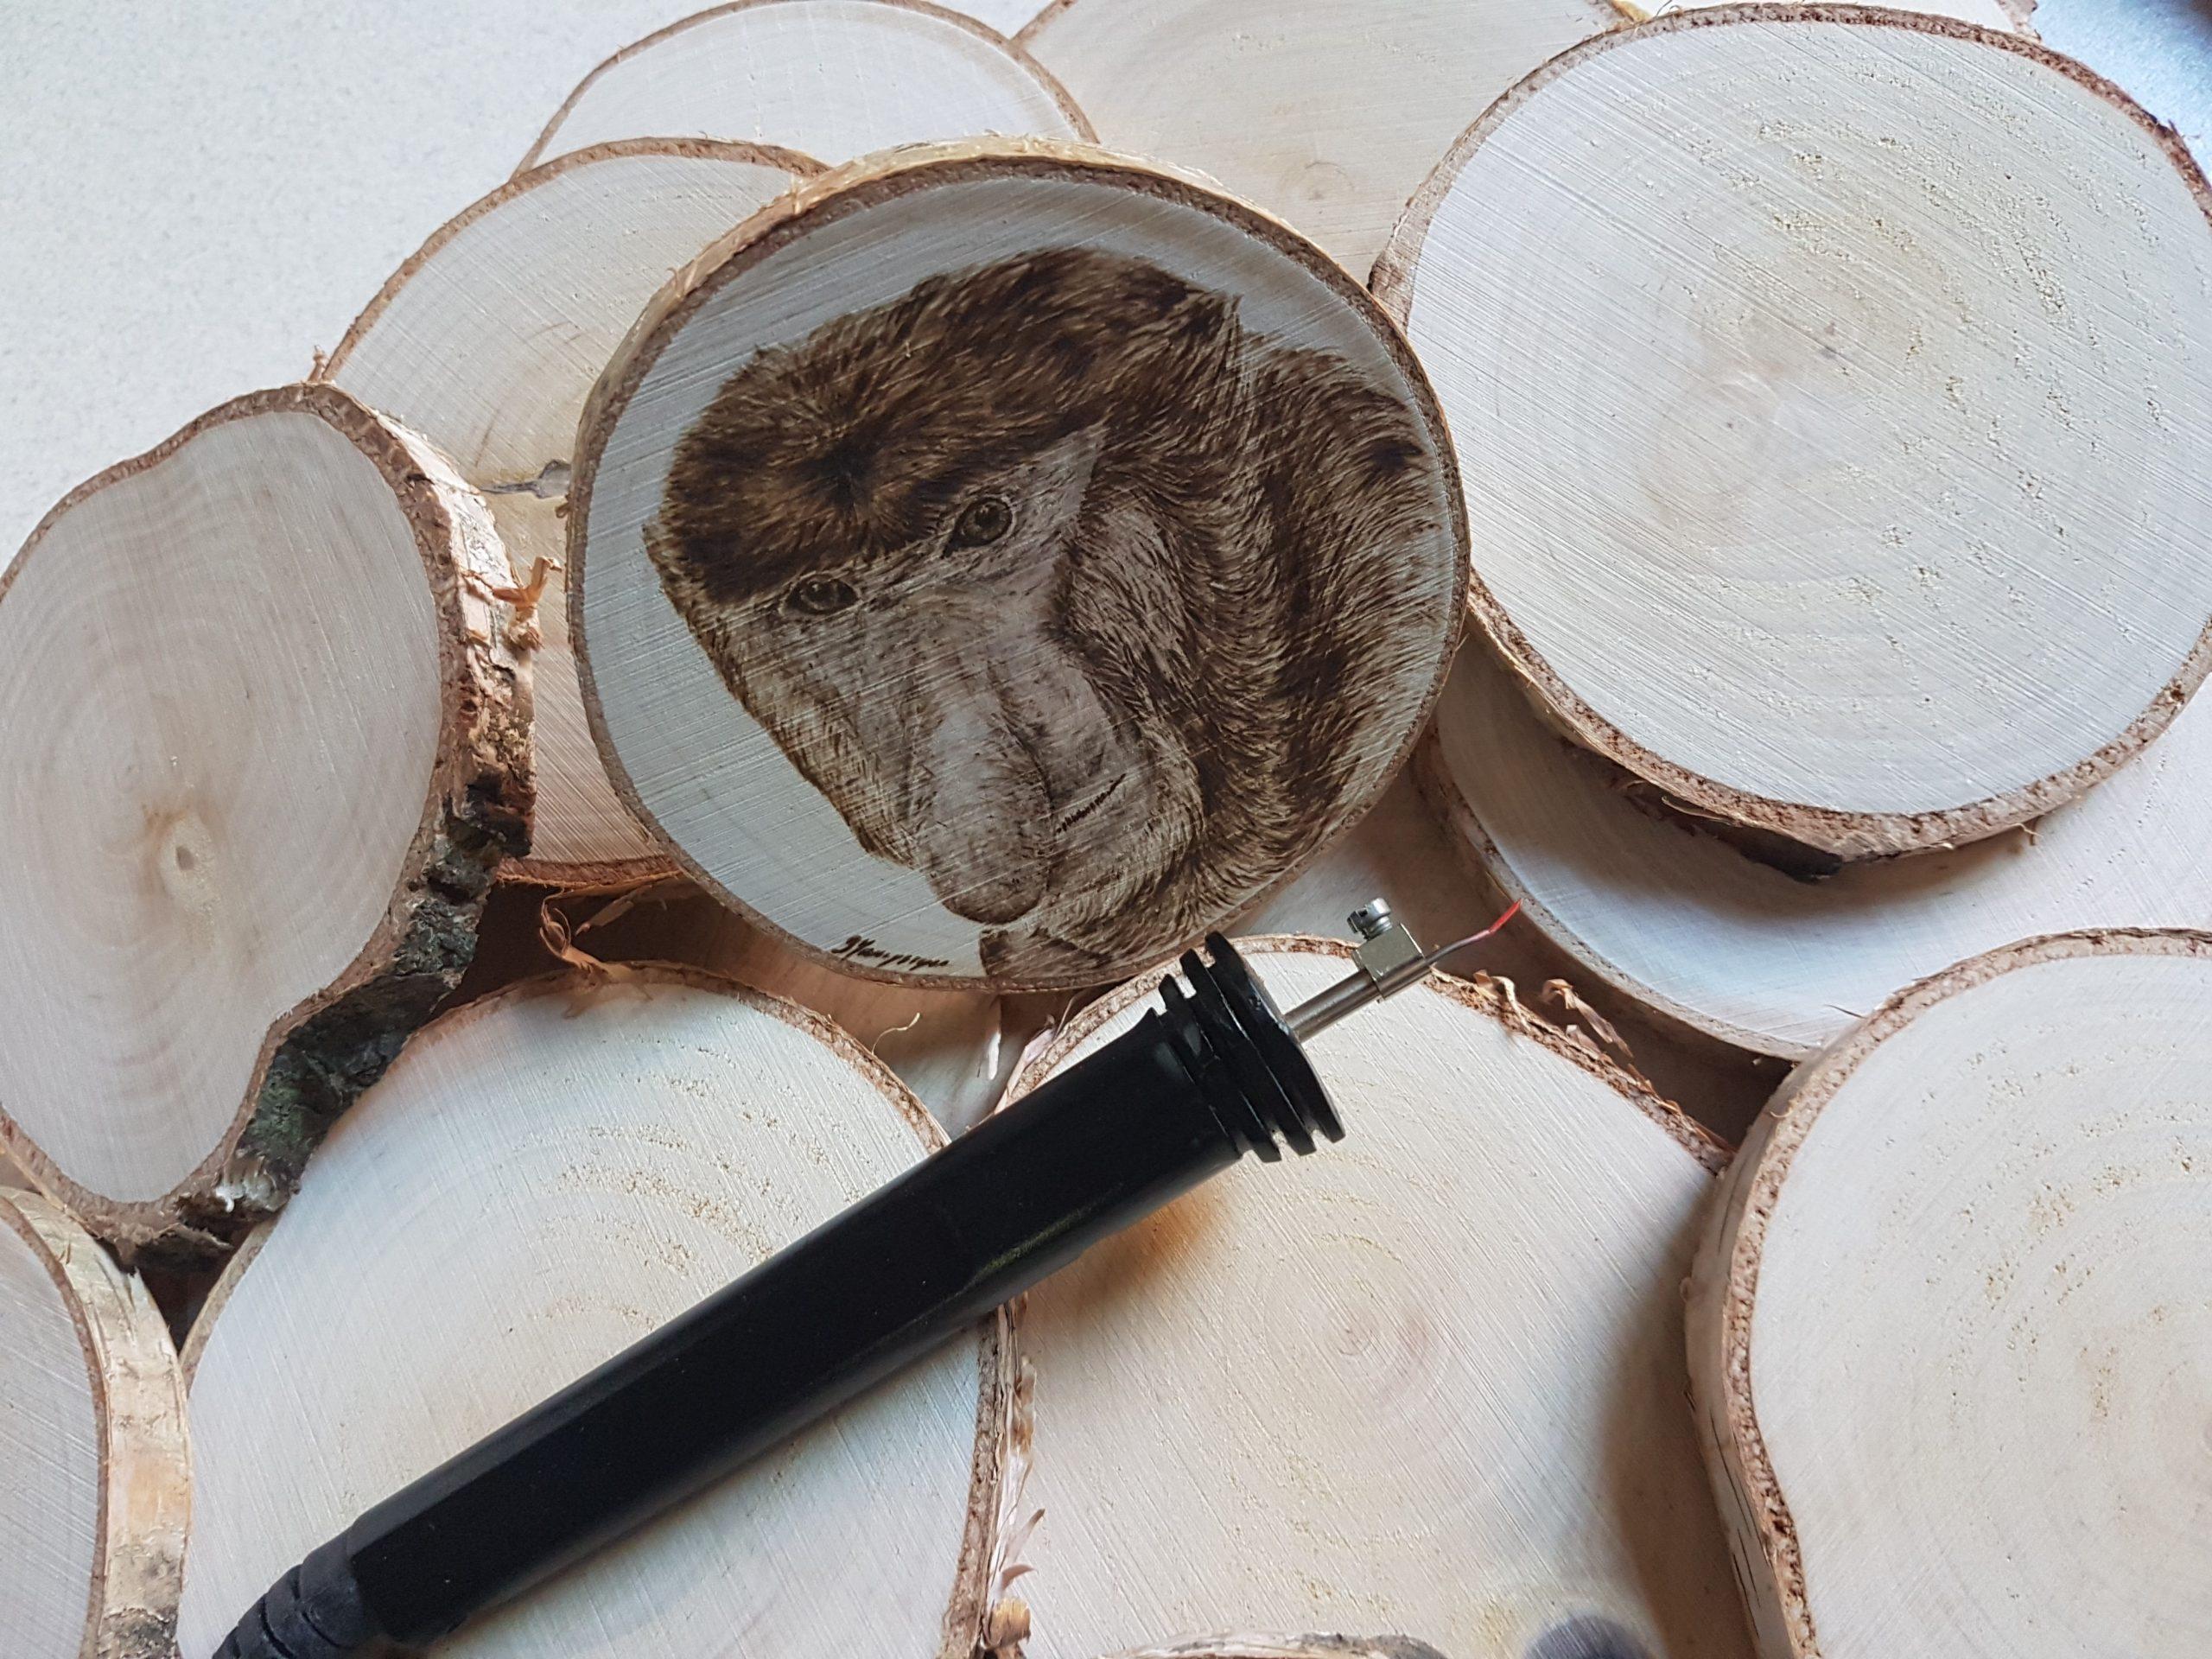 wypalanie w drewnie, sylwia, pirografia, janczyszyn, pyrography, handmade, rękodzieło, pomysł na prezent, podkładka pod kubek, sąsiad